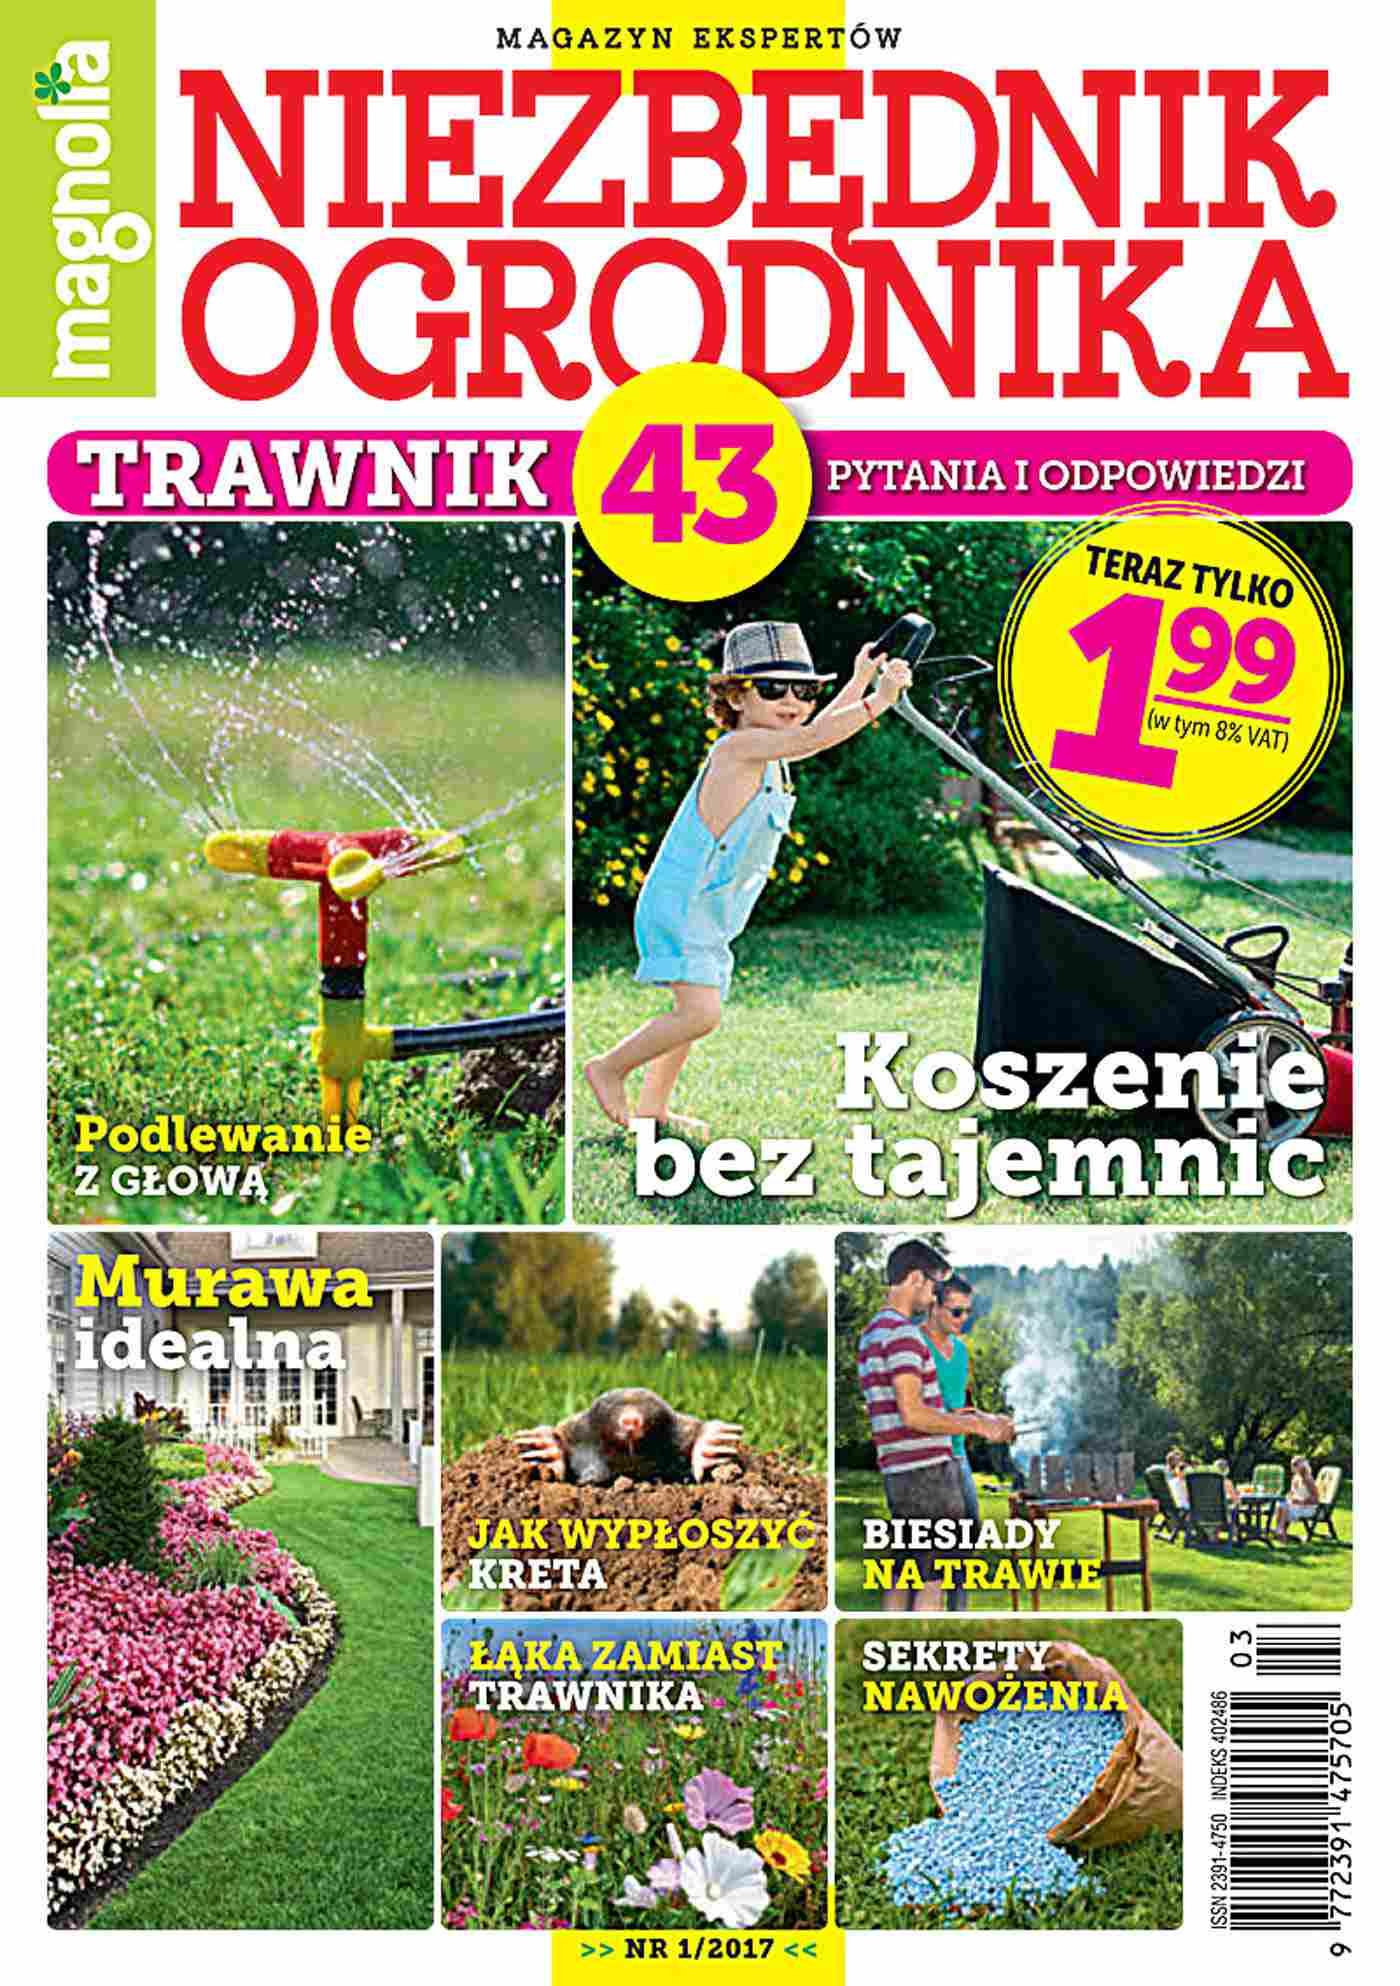 Niezbędnik Ogrodnika 1/2017 - Ebook (Książka PDF) do pobrania w formacie PDF